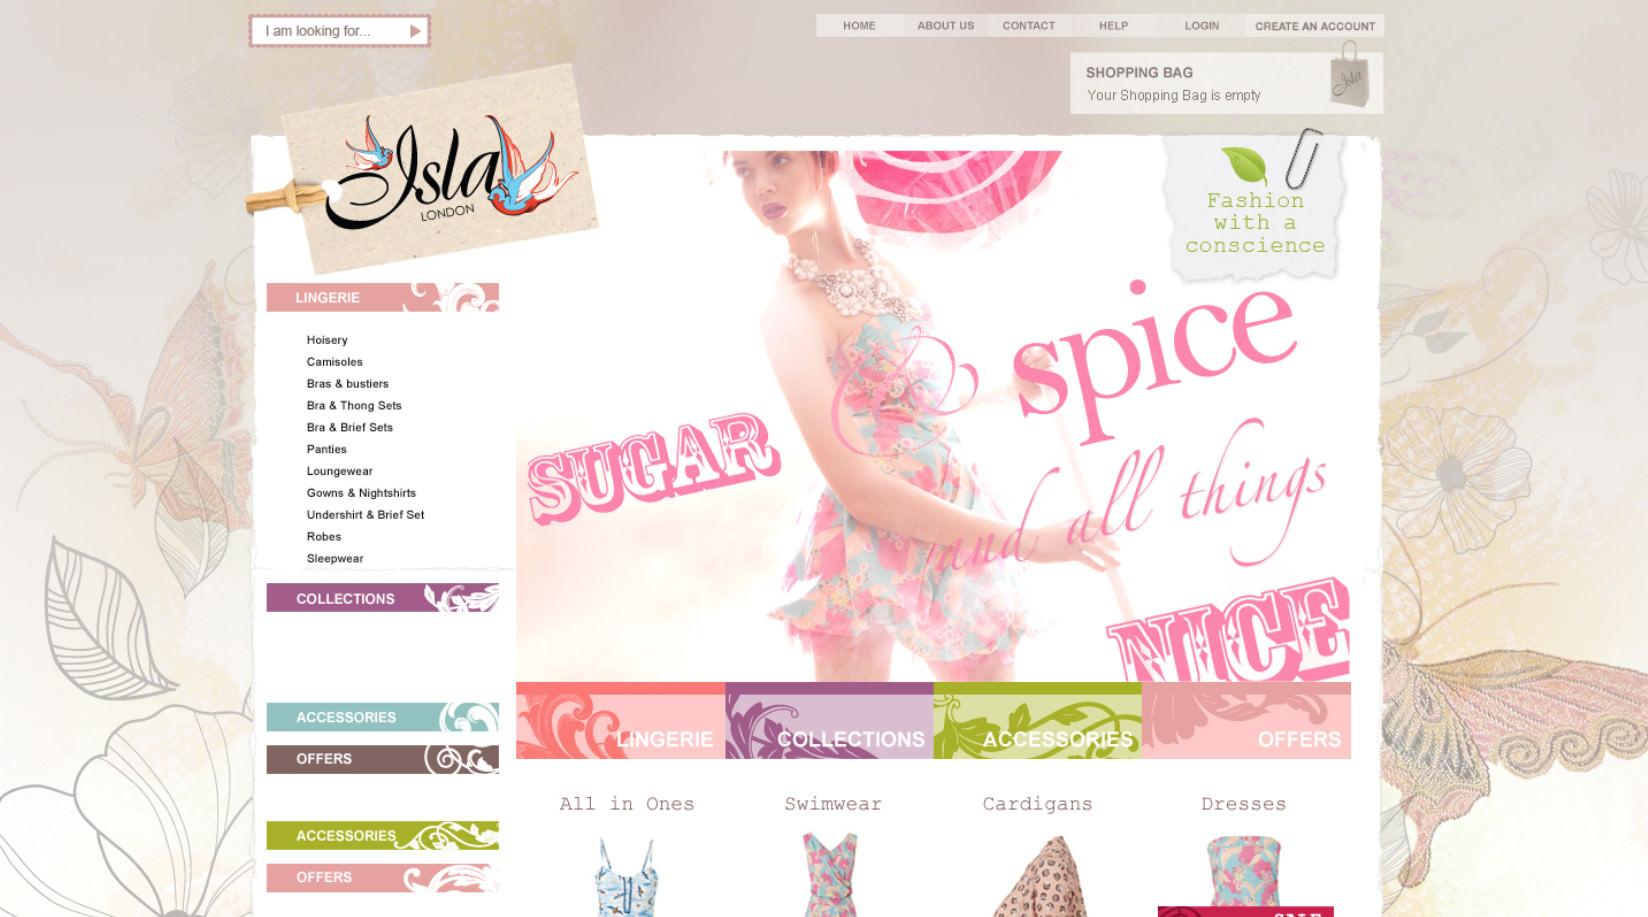 idac-media-website-gallery-shot-37.jpg